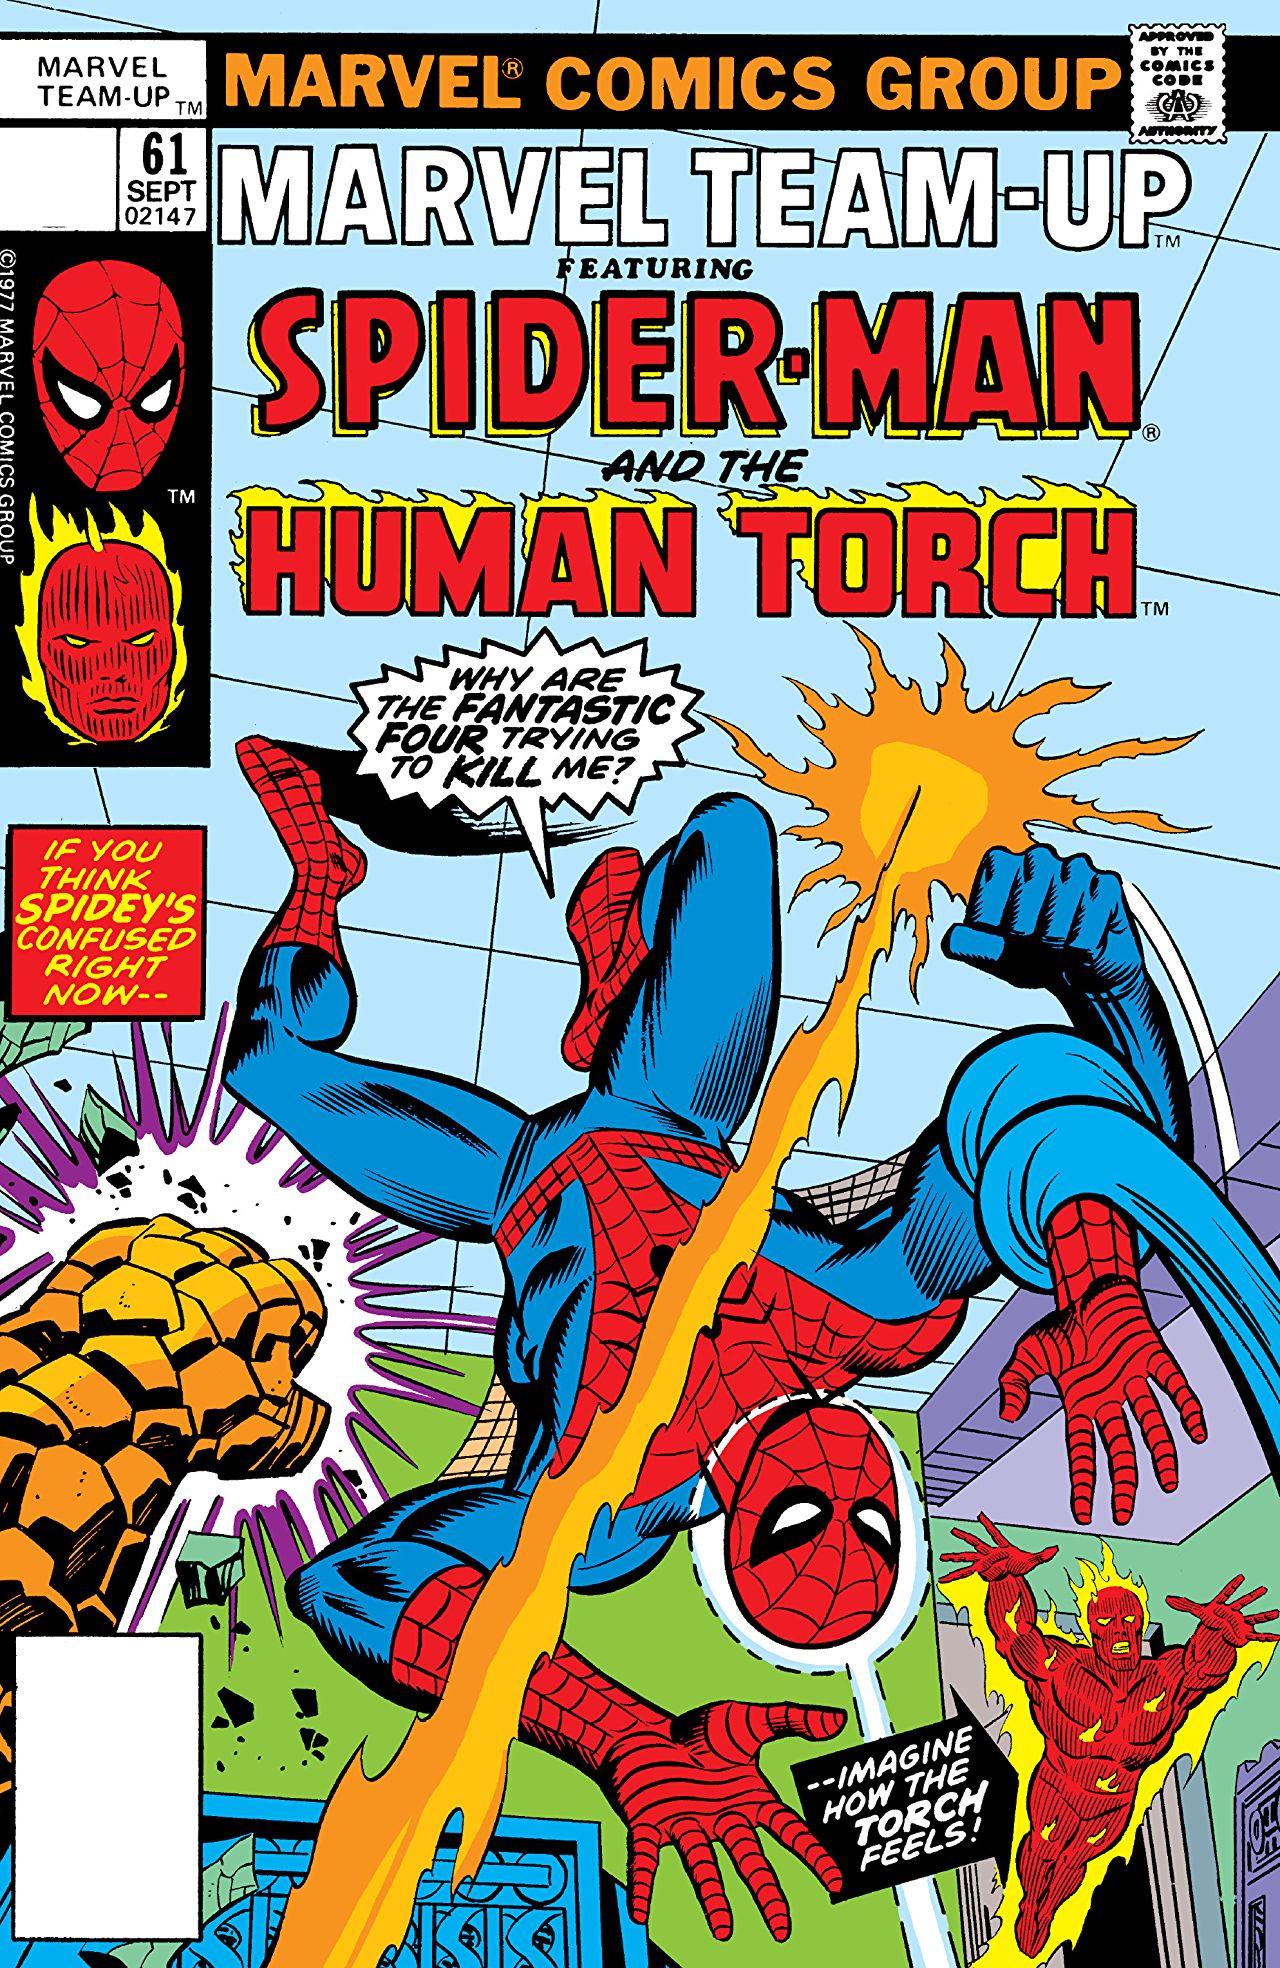 Marvel Team-Up Vol 1 61